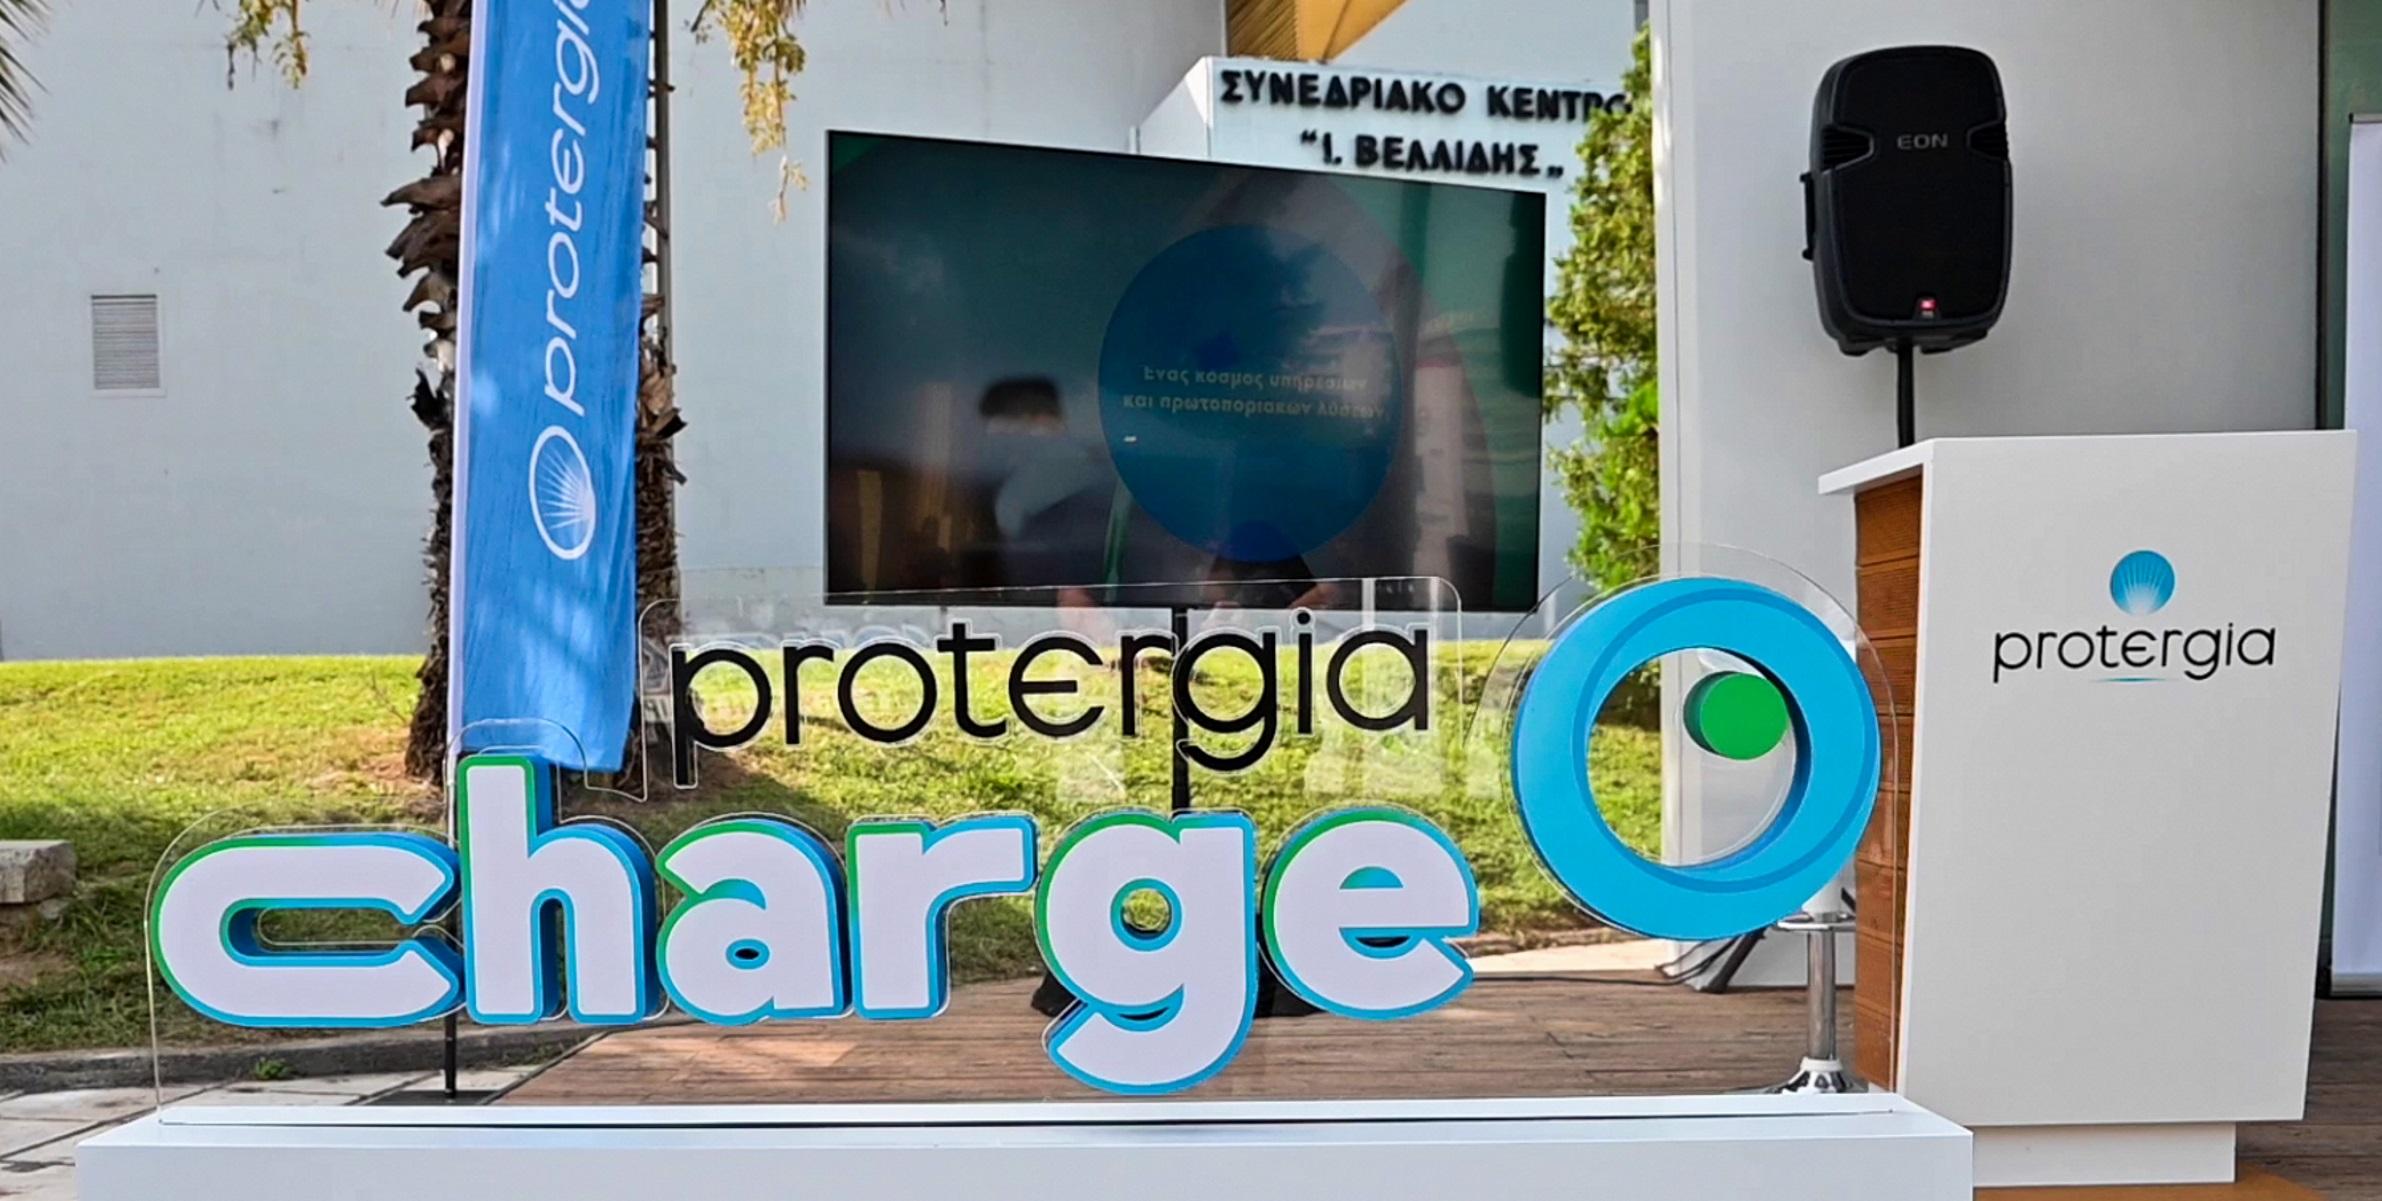 ΔΕΘ 2021 – Protergia: Συμμετέχει ενεργά στην 85η Διεθνή Έκθεση Θεσσαλονίκης